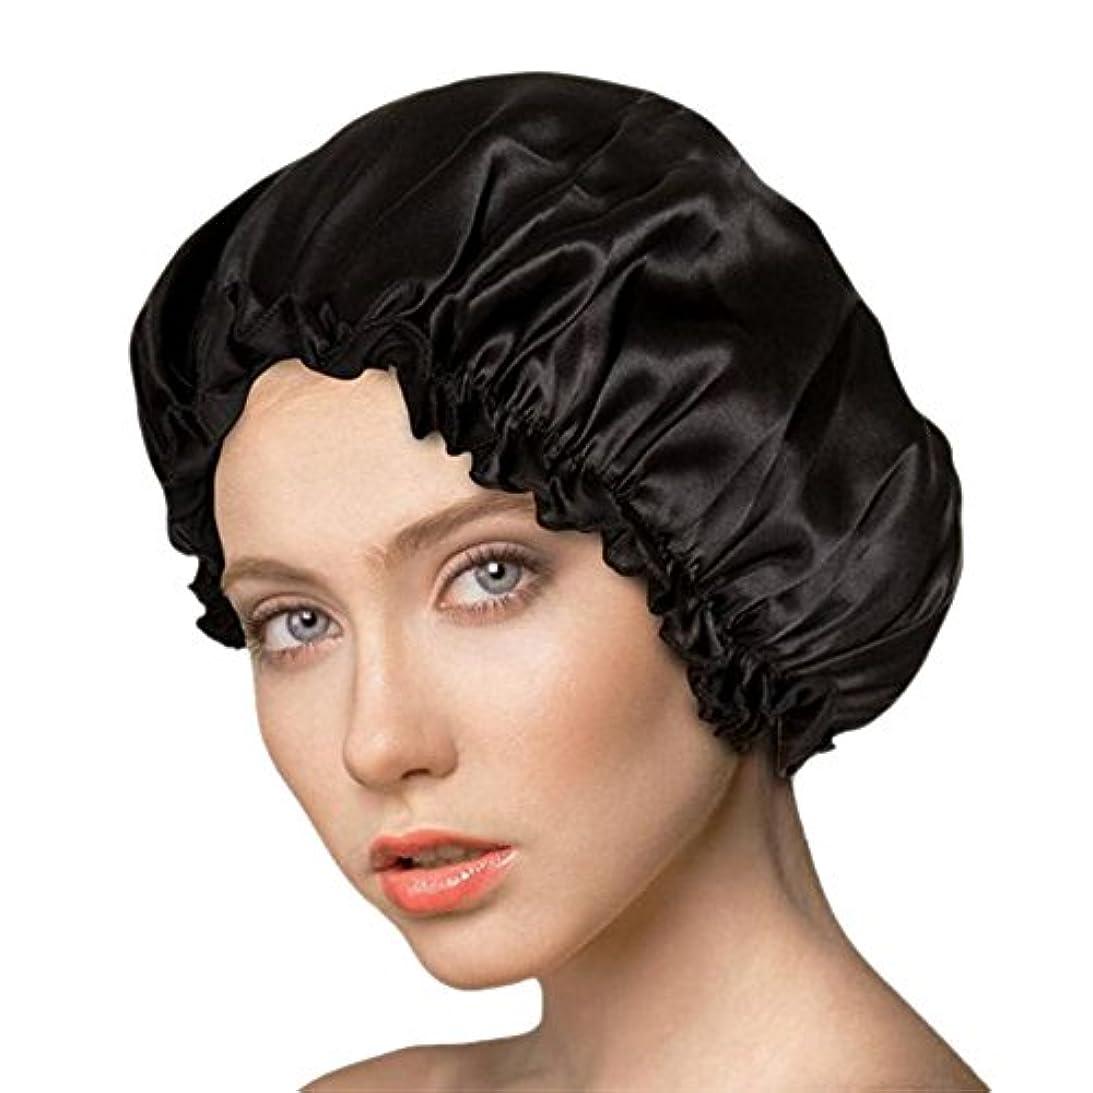 比喩ポーン本部アンミダ(ANMIDA)シルク100%ナイトキャップ 天然シルク ナイトキャップ ヘアーキャップ メンズ レディース 美髪 就寝用帽子 室内帽子 通気性抜群